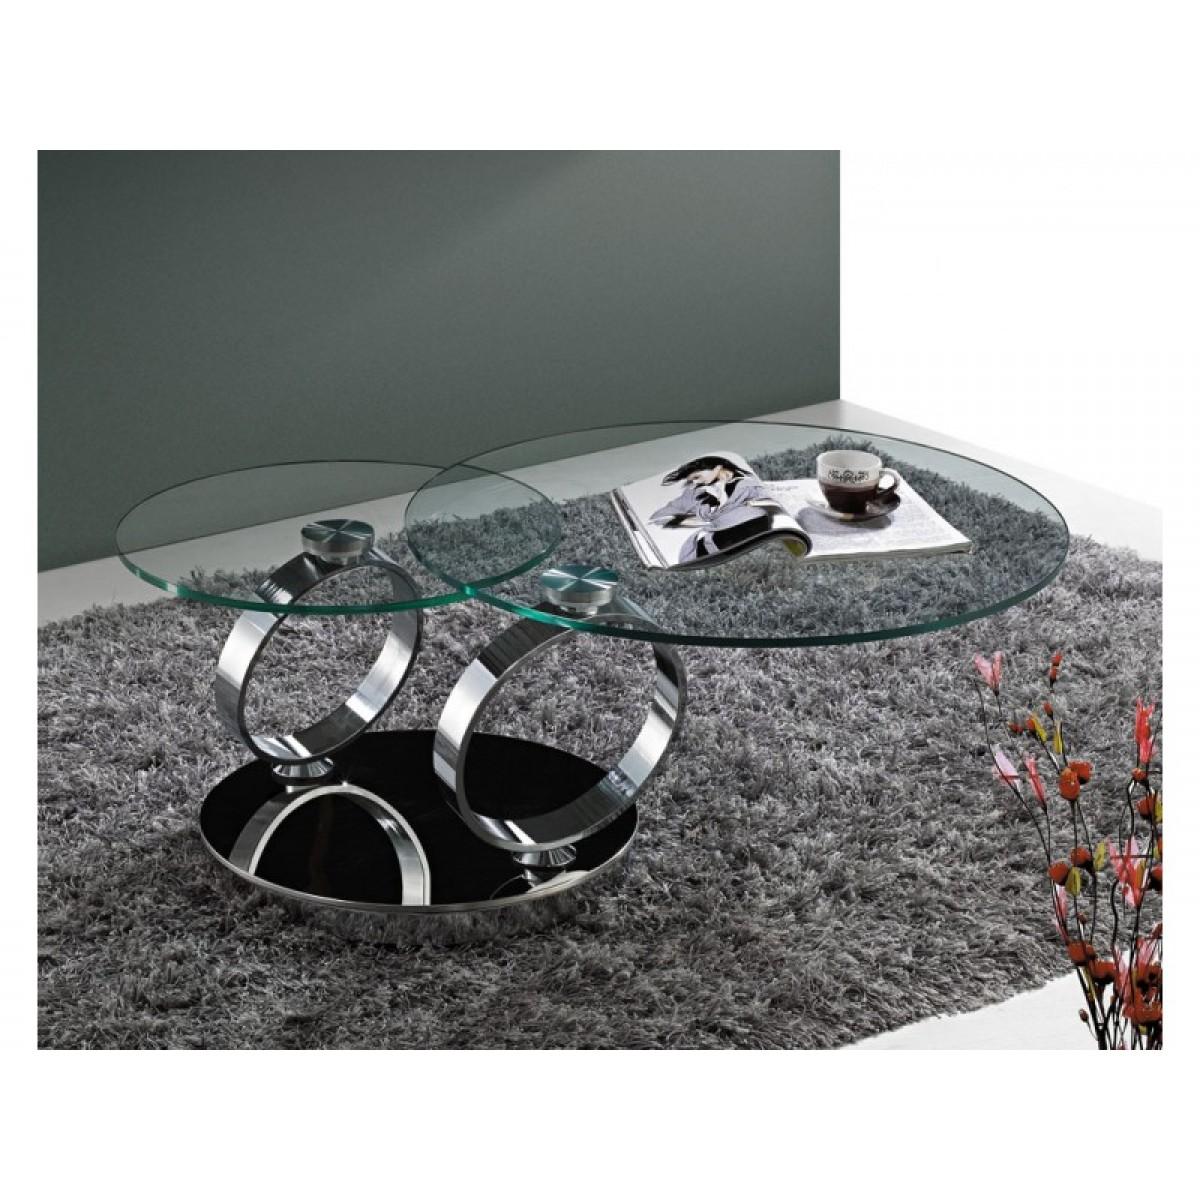 Table basse ronde pivotante BASILOS socle inox effet miroir   pop ...